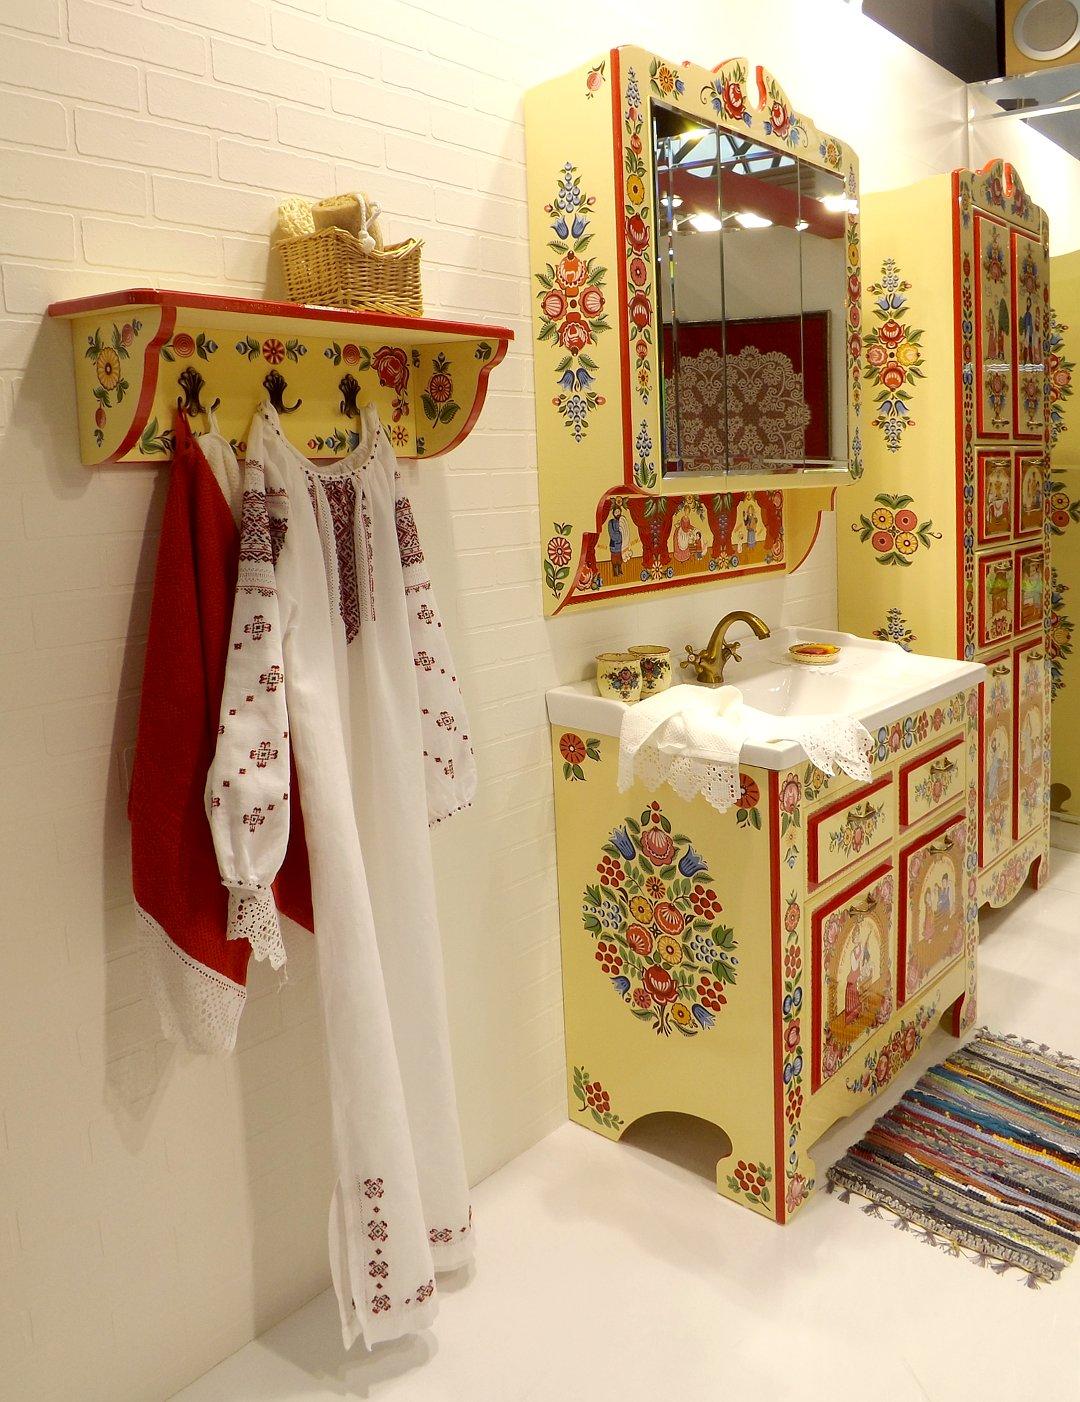 Комплект мебели и санкерамики для ванной комнаты, украшенный росписью в стиле Городецких мотивов, представленный на выставке MosBuild 2017 в Москве